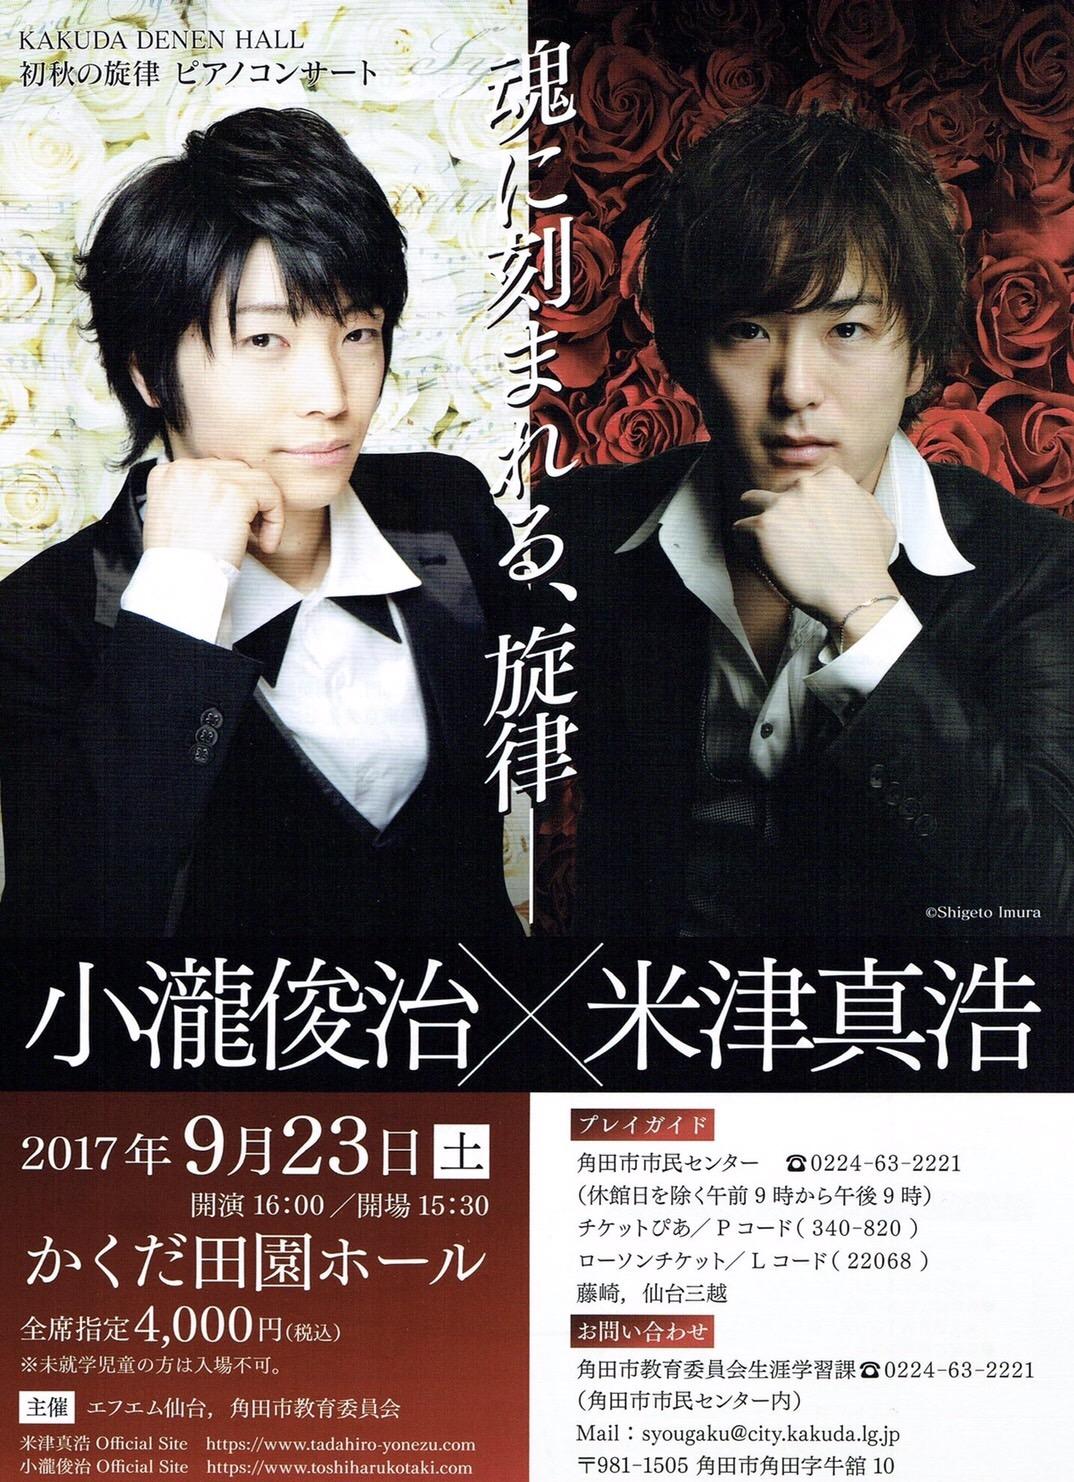 2017年9月23日(土) 小瀧俊治×米津真浩(宮城 かくだ田園ホール)